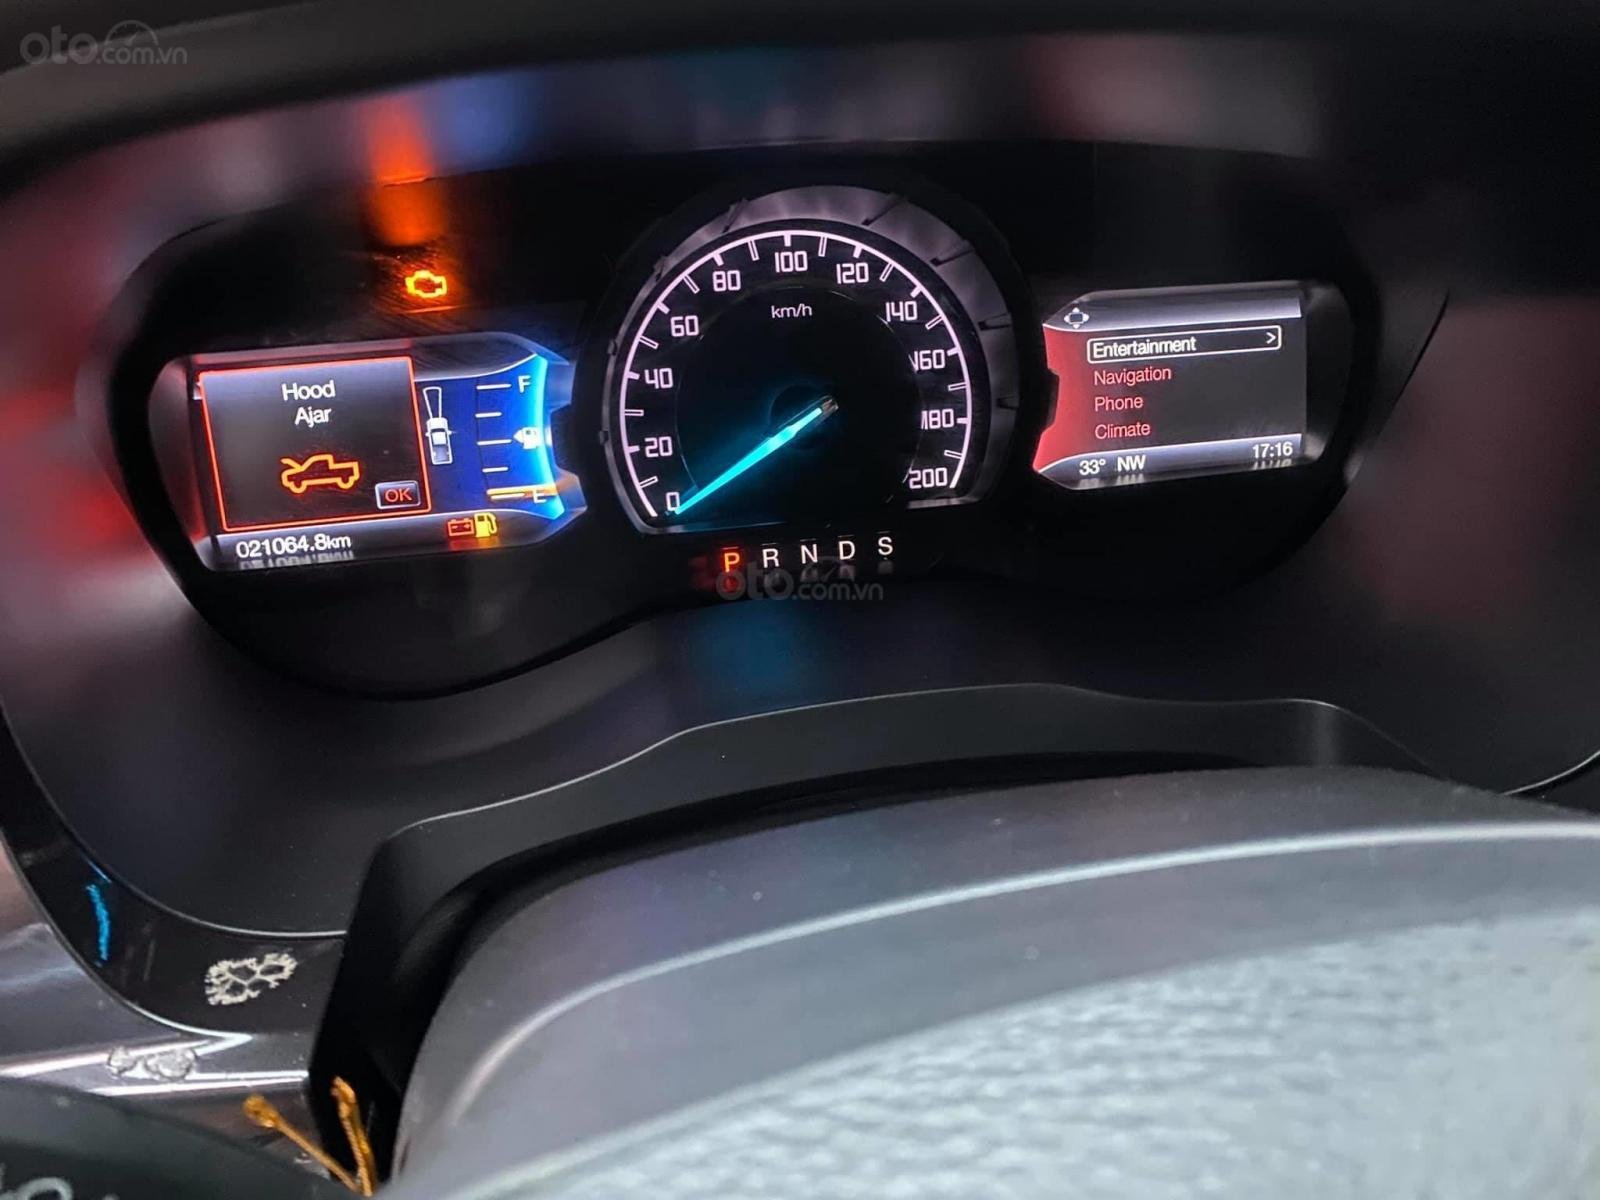 Bán xe Ford Ranger 2.0 Biturbo đời 2018, bản 2 cầu, số tự động (10)